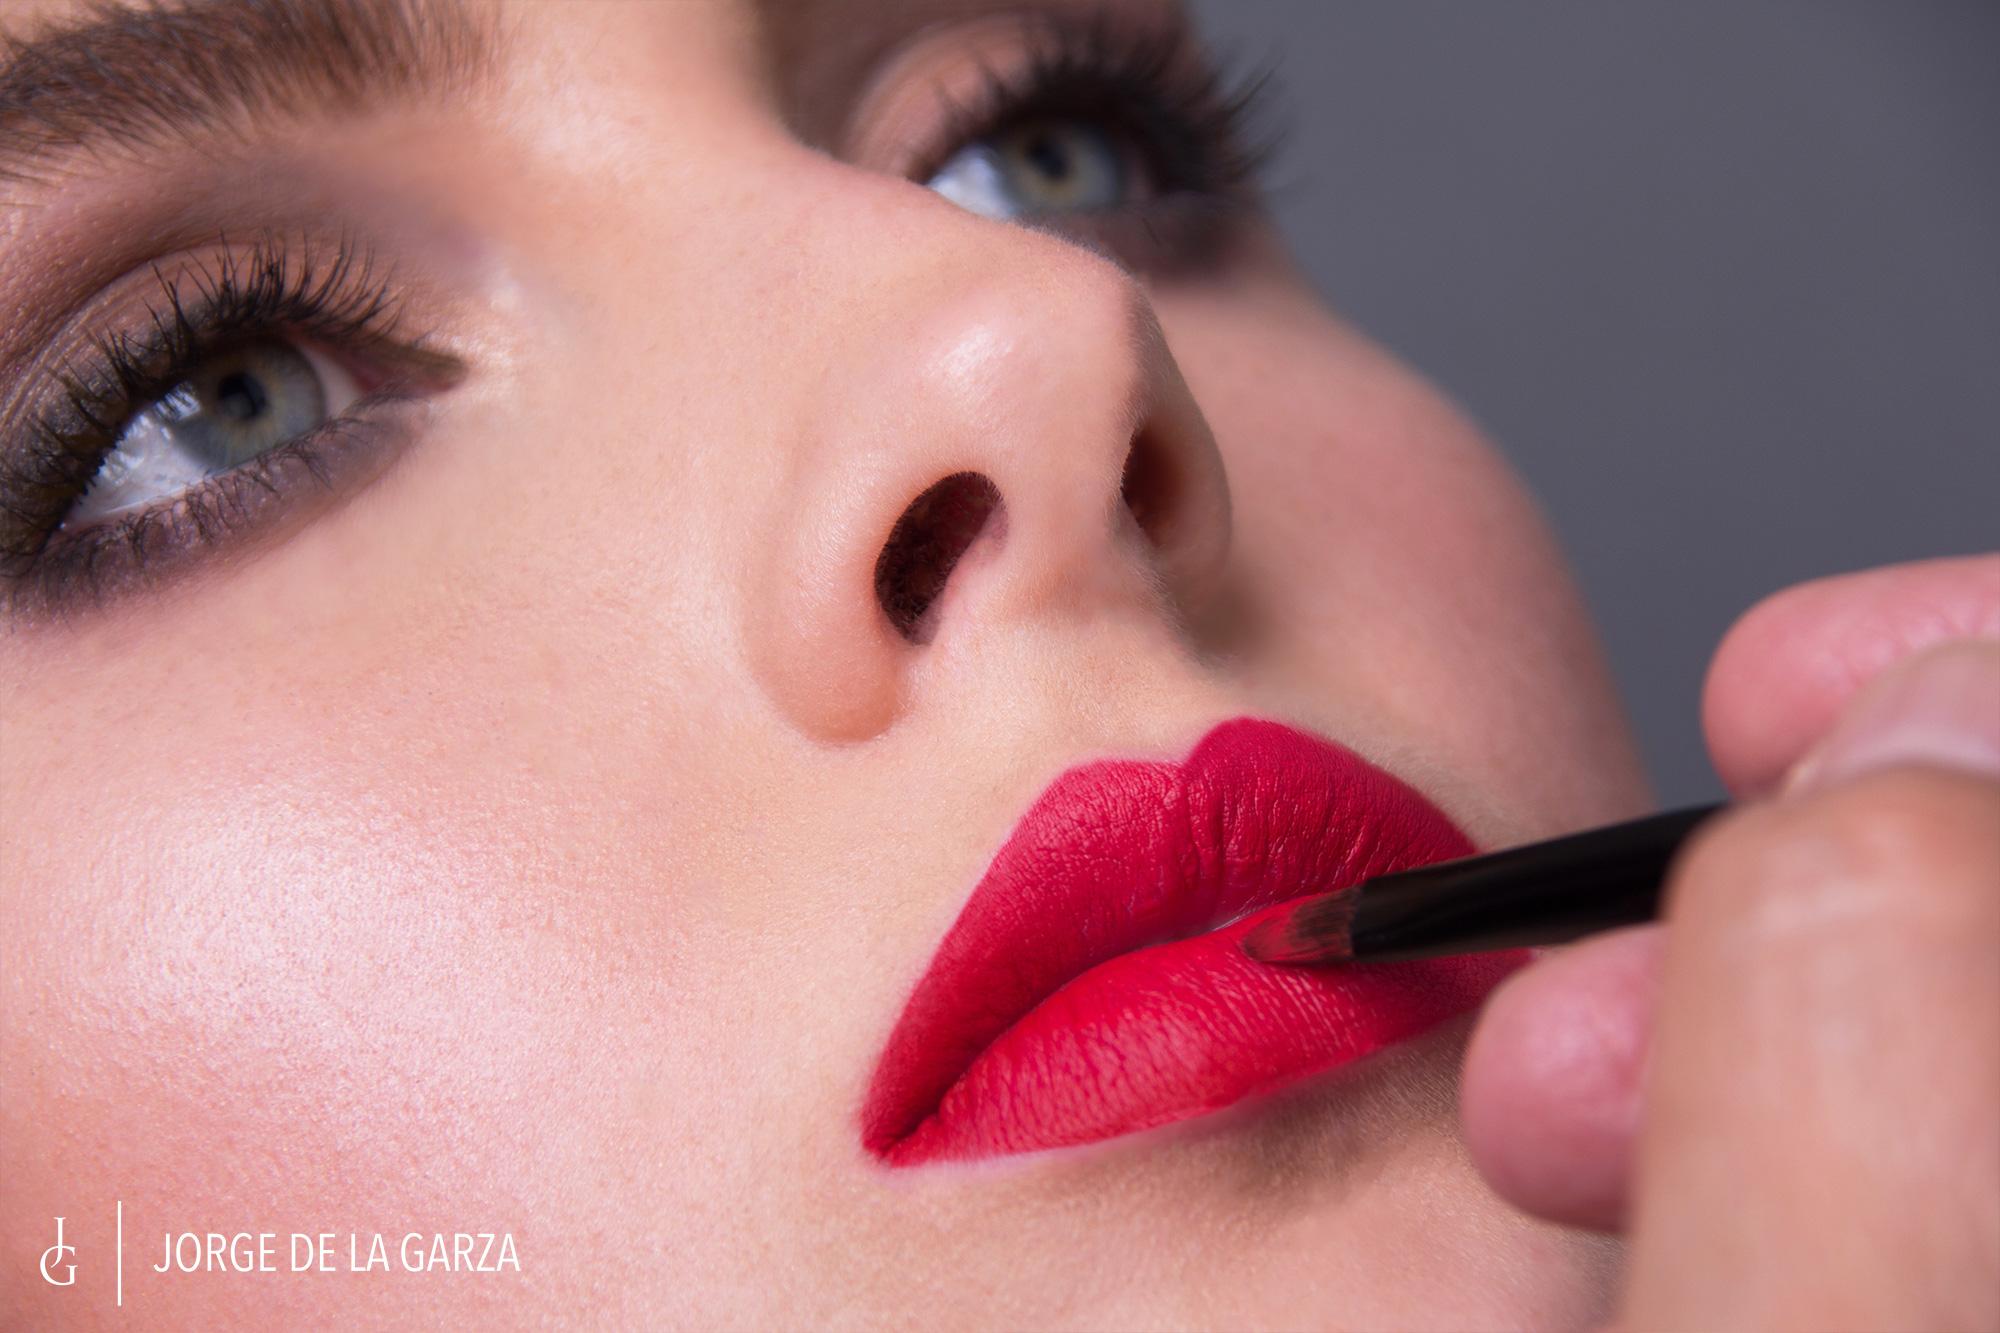 Fotos maquillaje creativo Jorge de la Garza